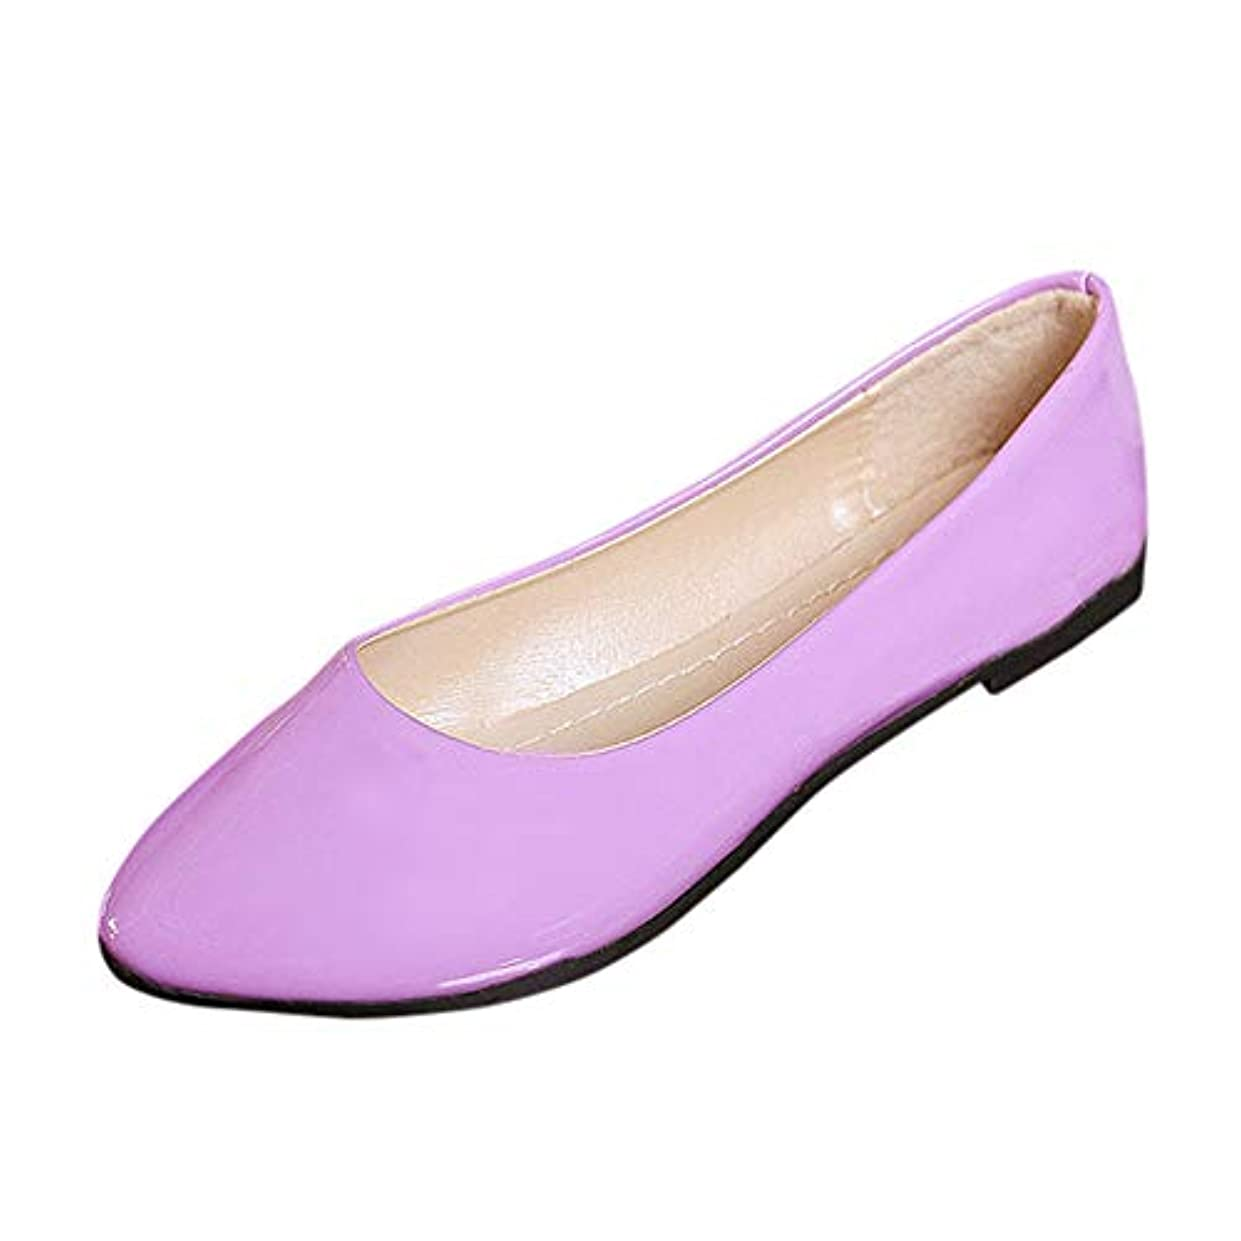 妨げる合成ファンネルウェブスパイダーレディース サンダルTongdaxinxi 女性 フラットシューズサンダル カジュアル カラフルな靴のサイズをスリップ フラット スウェード カジュアル 靴 婦人靴 柔らかい 歩きやすい フェミニン レディース